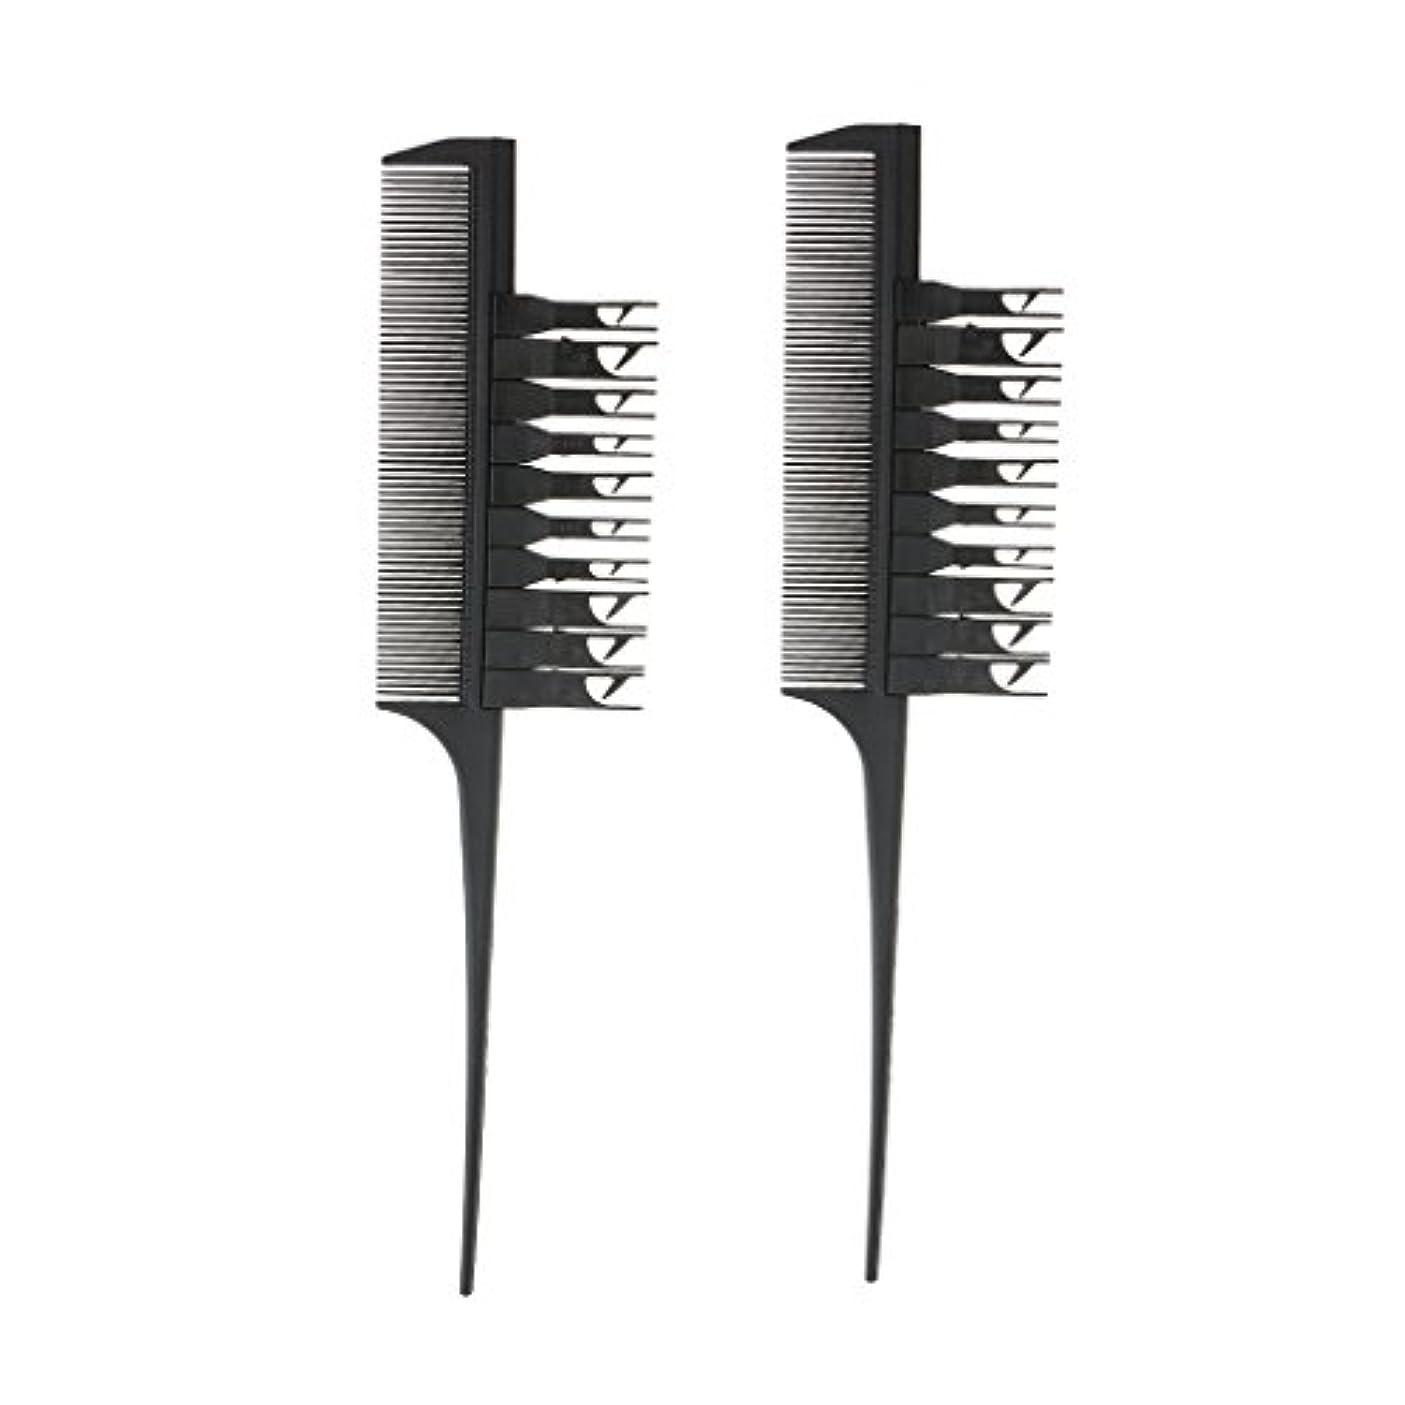 推論沼地埋めるFenteer 2個 コーム 櫛 ブラシ ヘアダイブラシ サロン ヘアカラーリング 髪の毛 スライス 交換可能